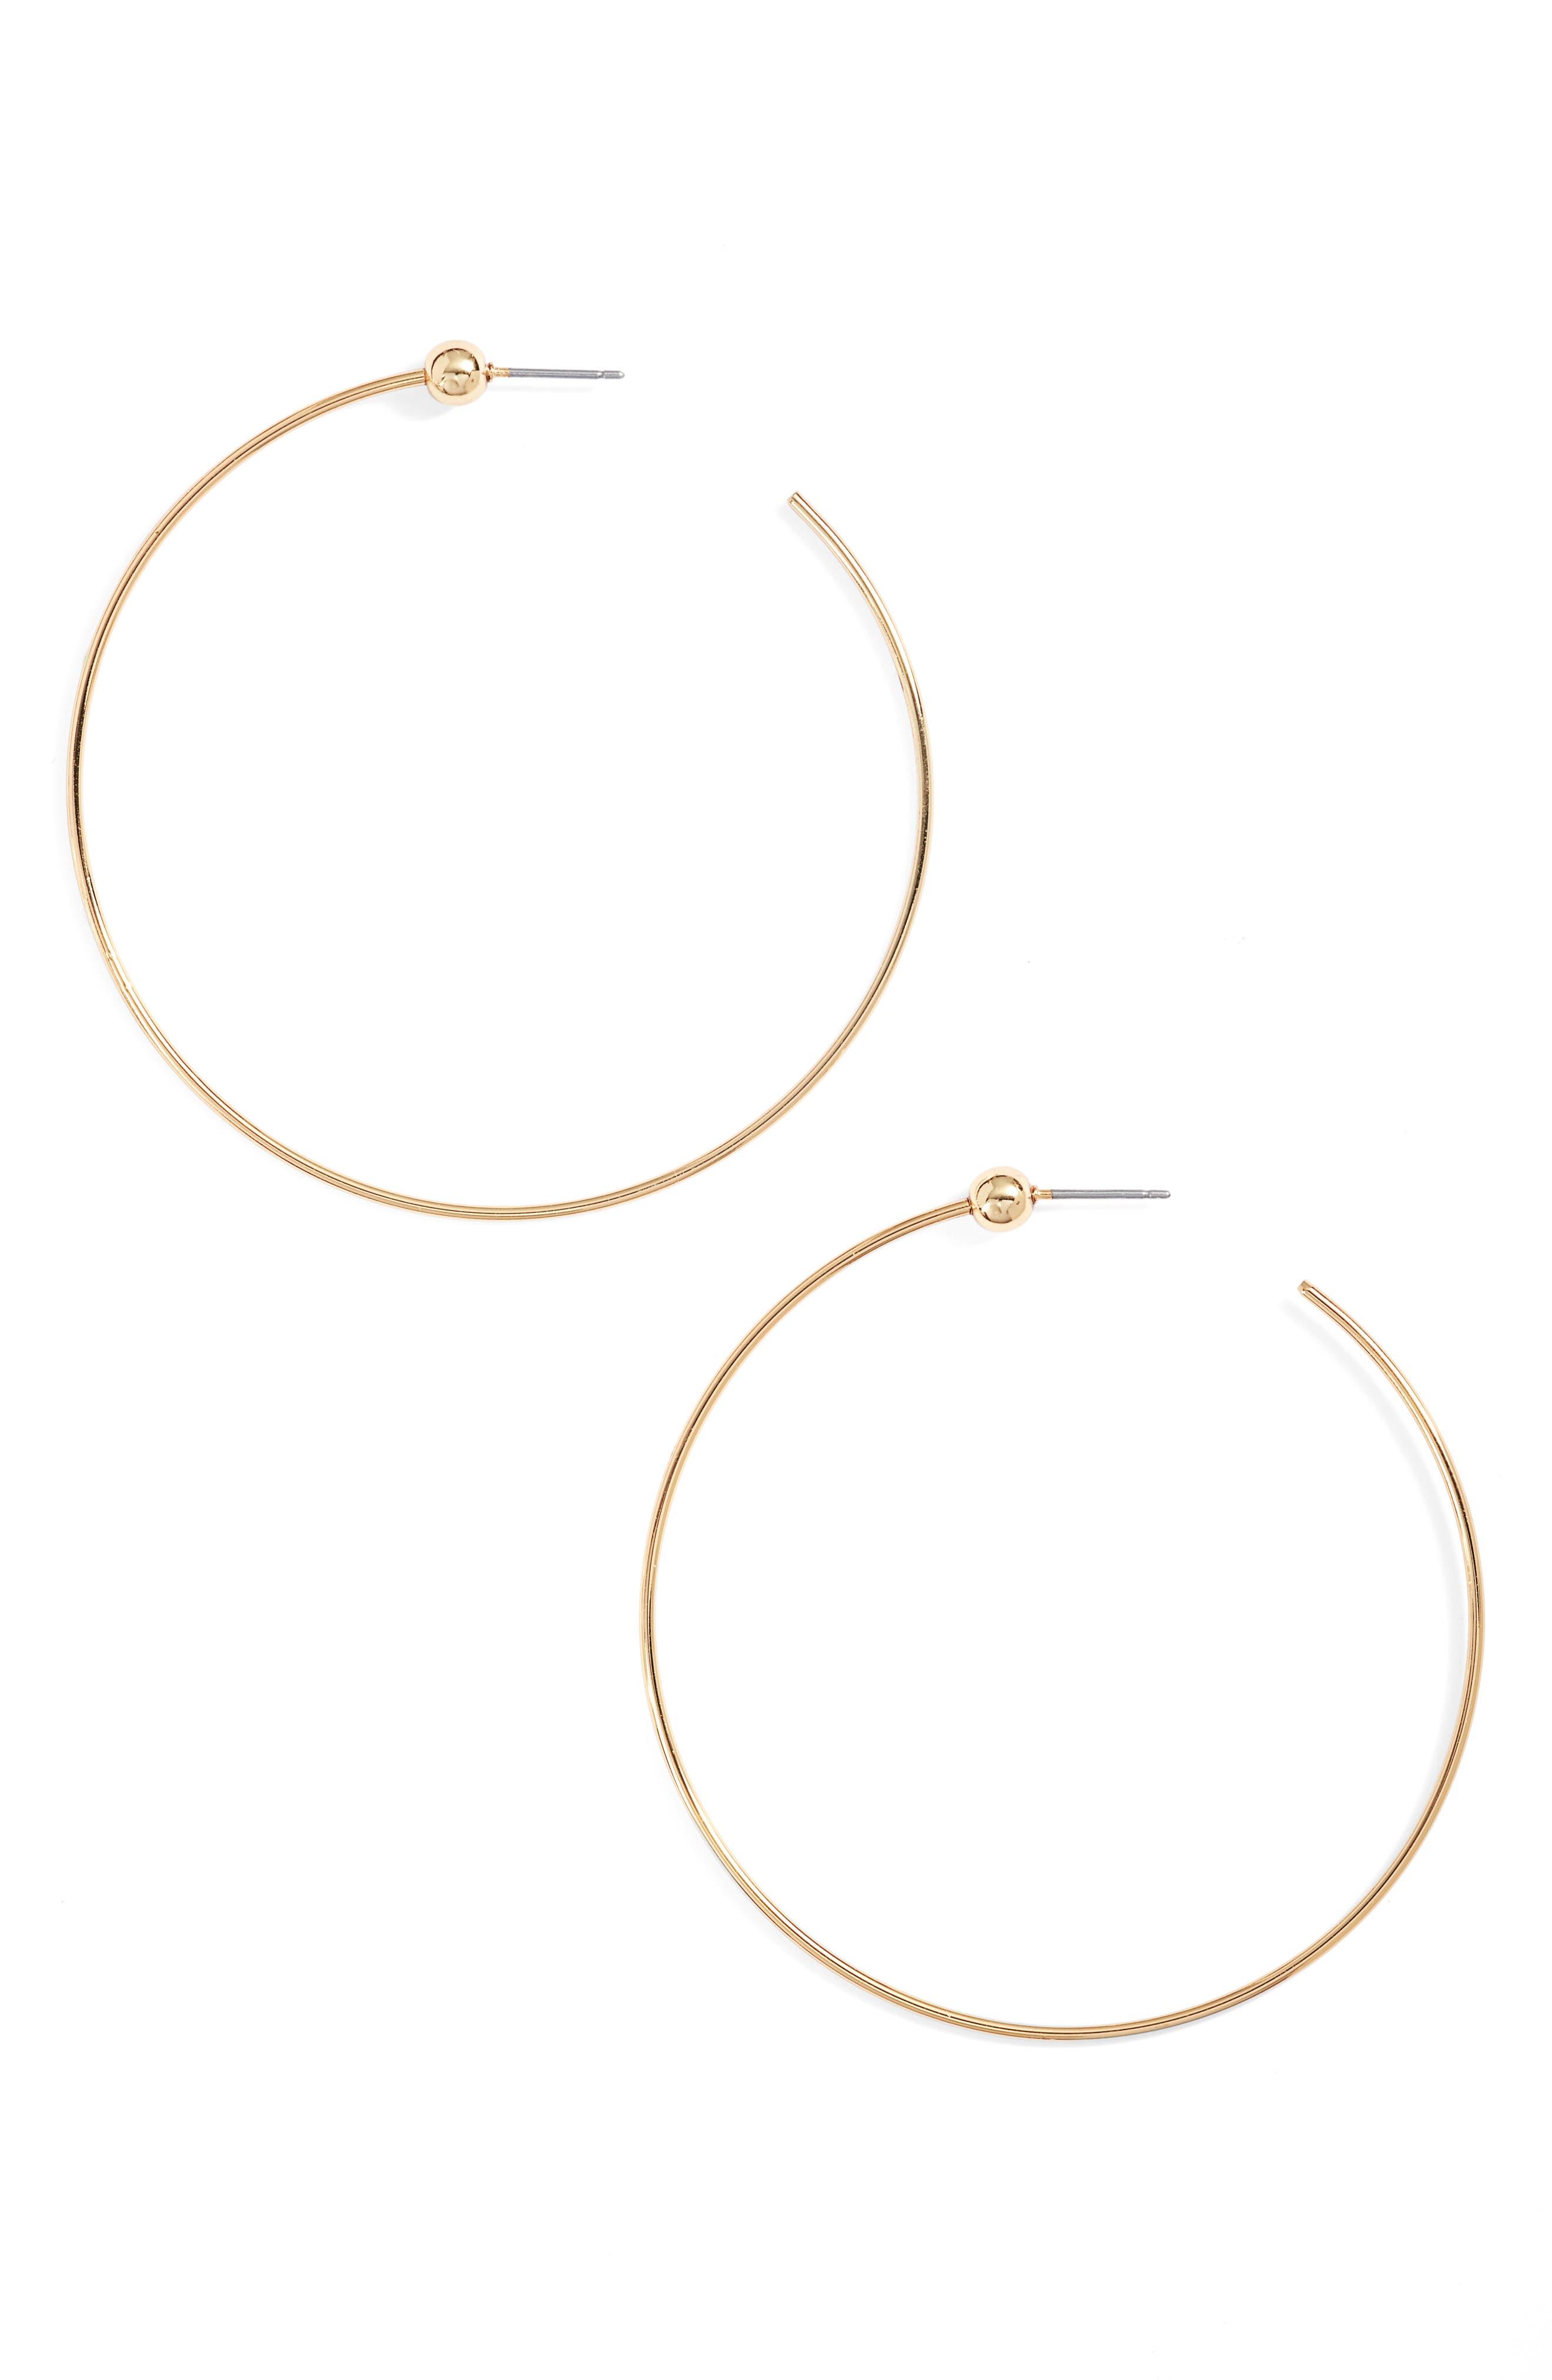 Main Image - Jenny Bird Medium Hoop Earrings